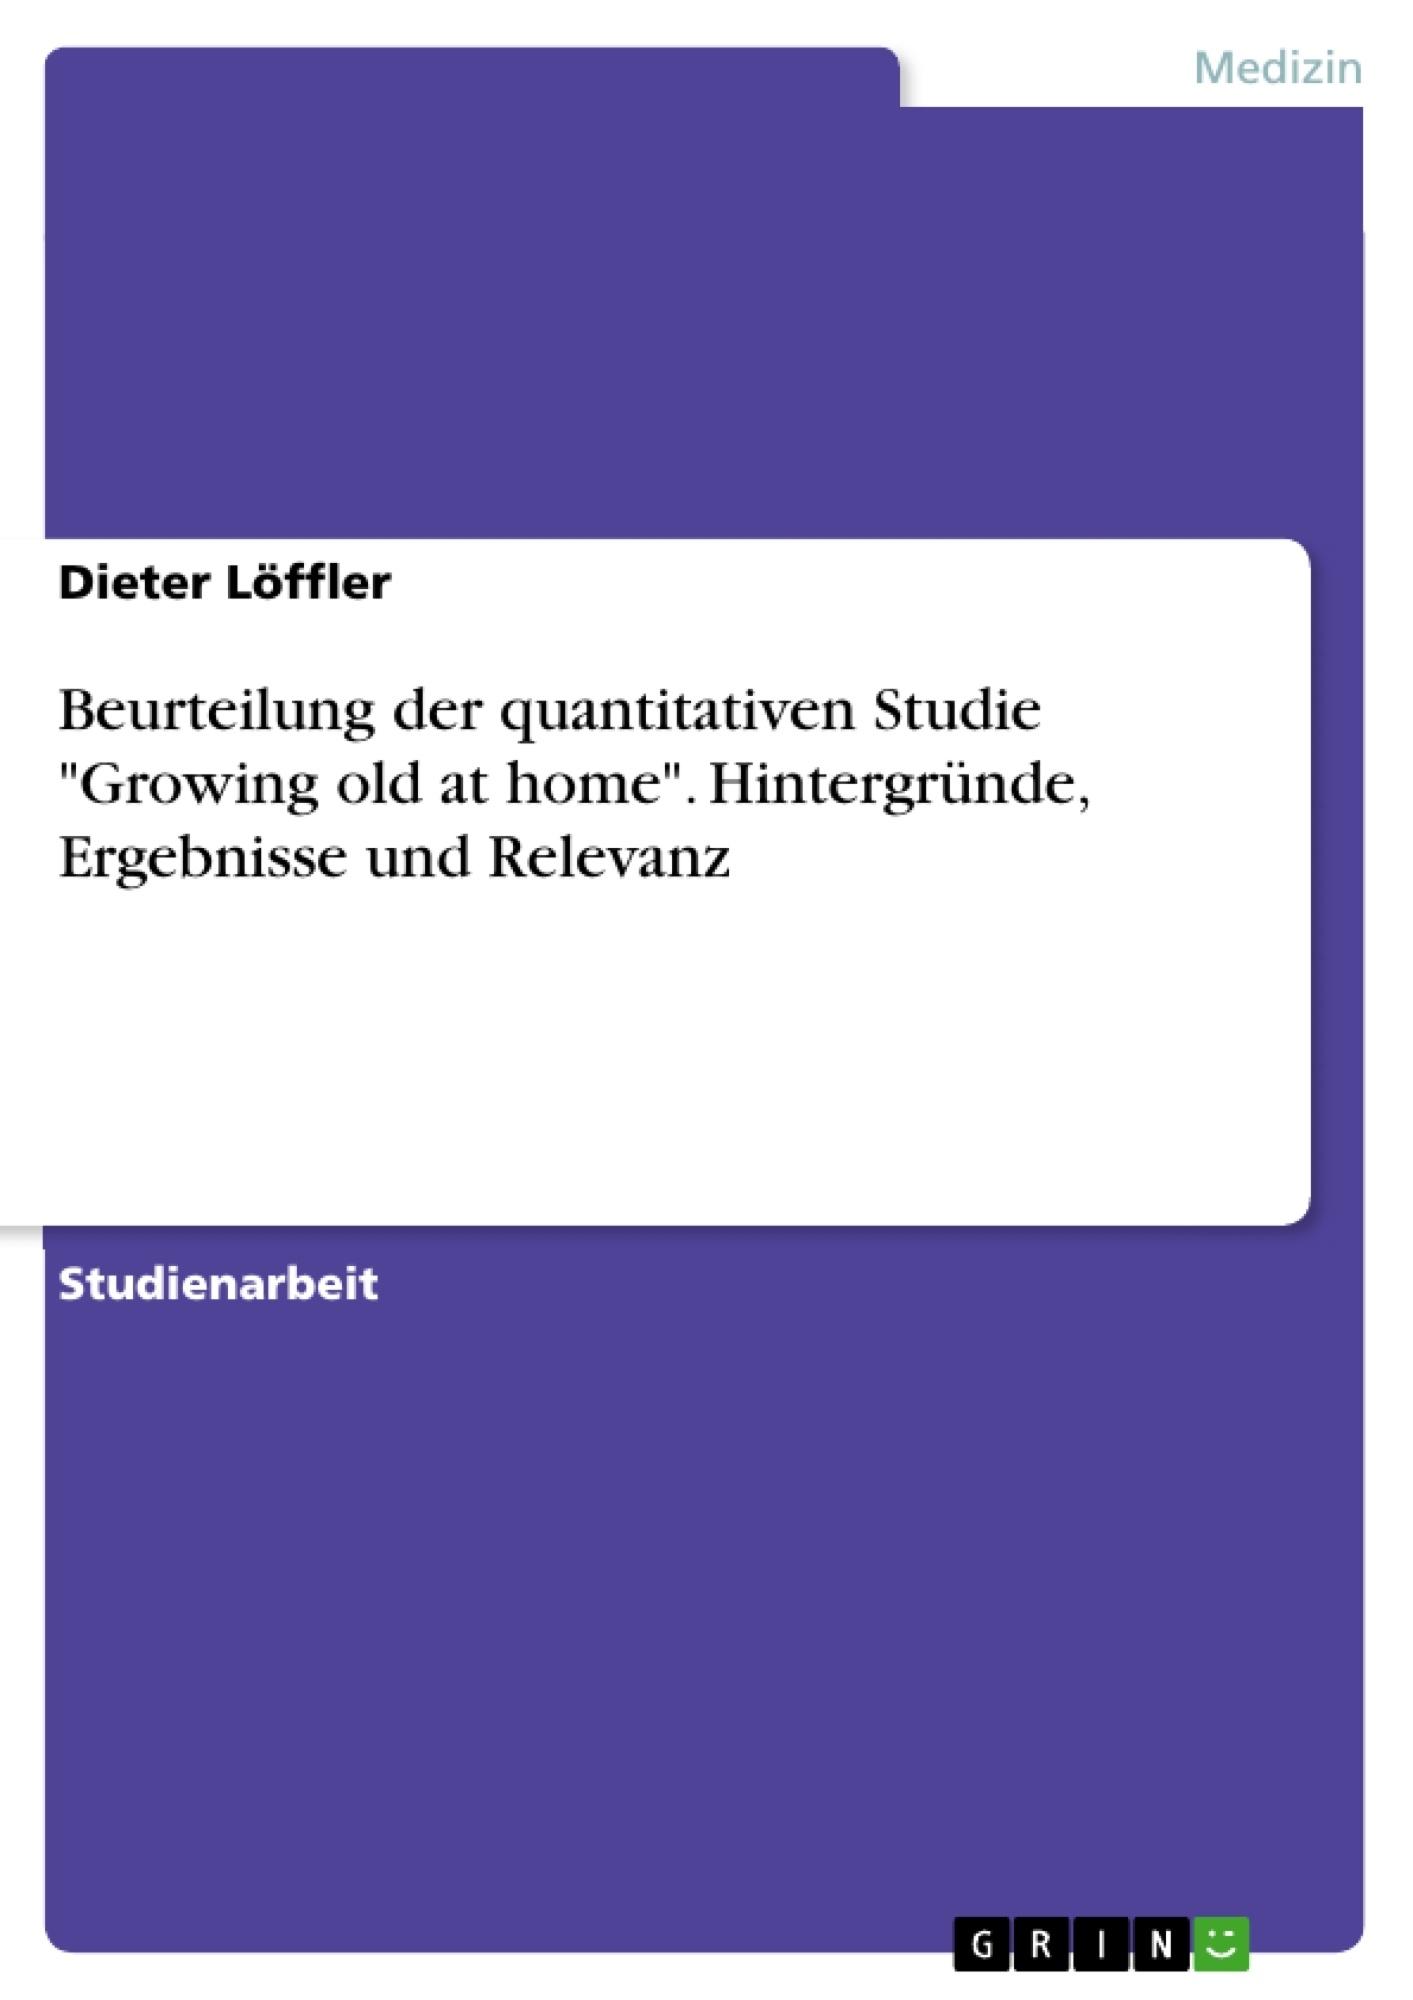 """Titel: Beurteilung der quantitativen Studie """"Growing old at home"""".  Hintergründe, Ergebnisse und Relevanz"""